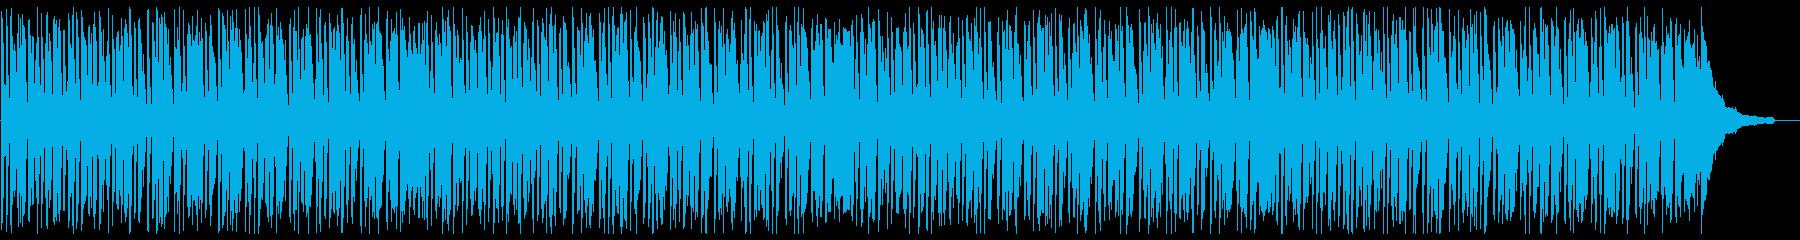 【リズム抜き】可愛くノリの良いアコーステの再生済みの波形